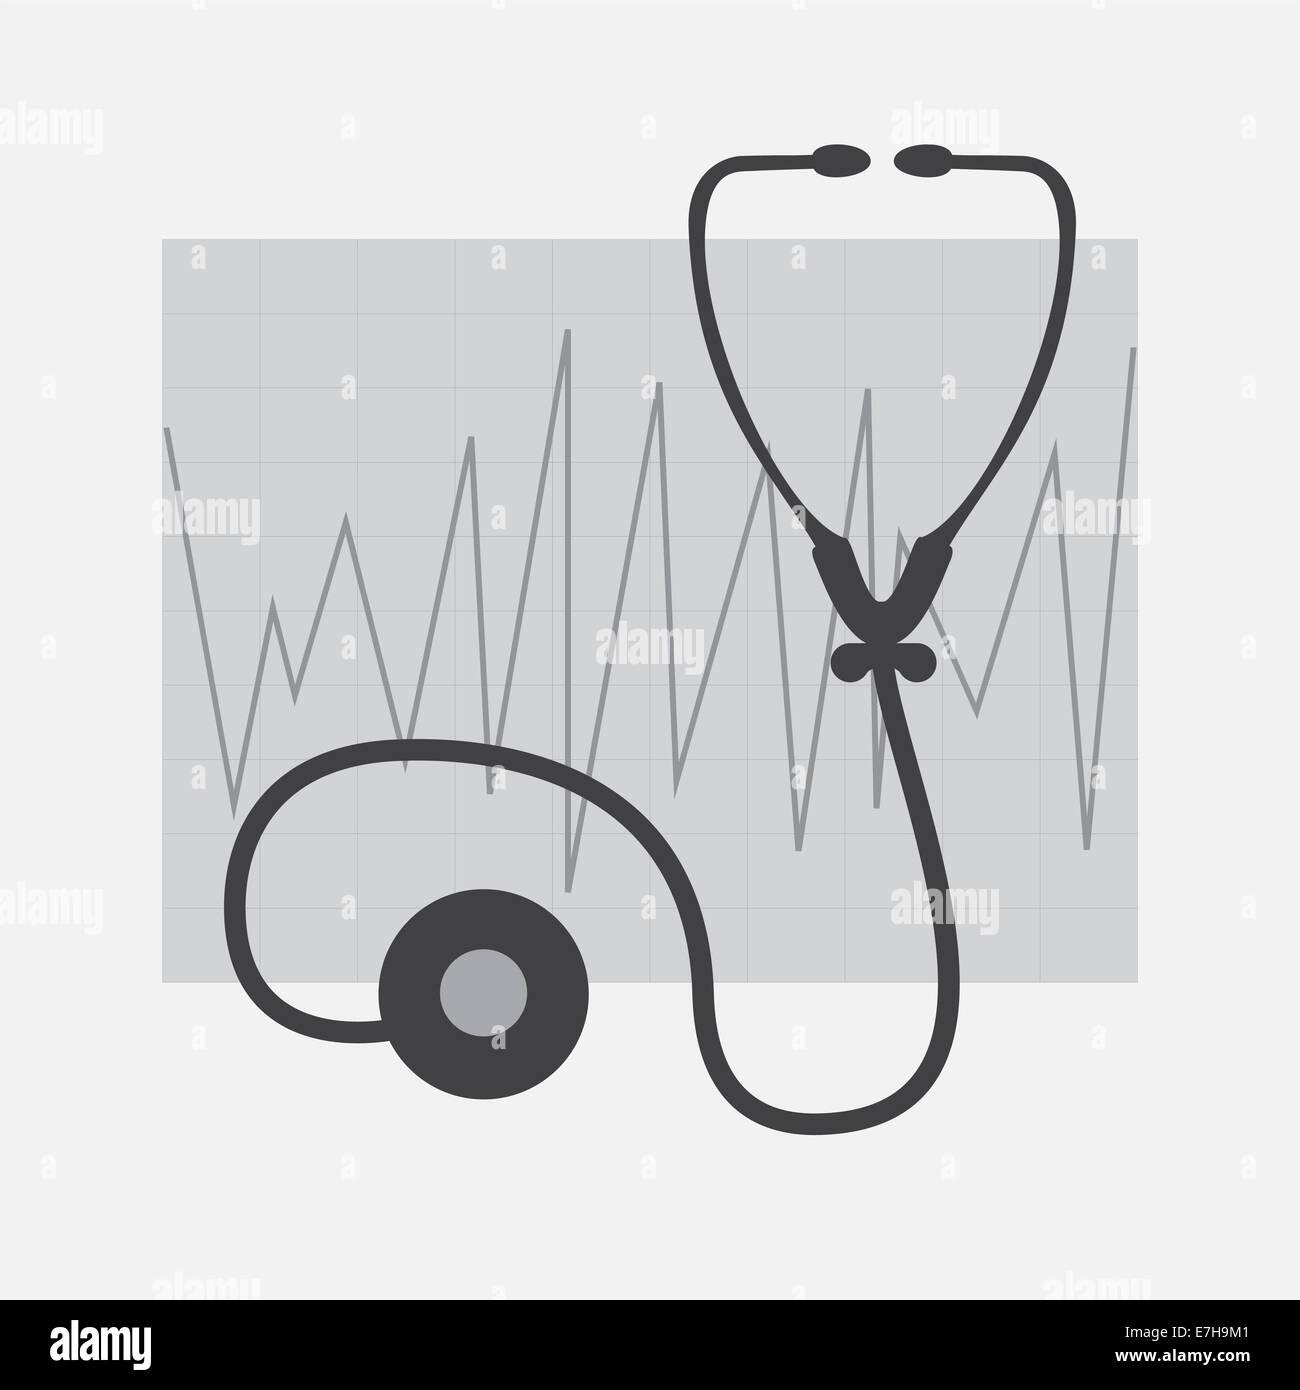 Graustufen-EKG und Stethoskop isoliert in weiß Stockbild